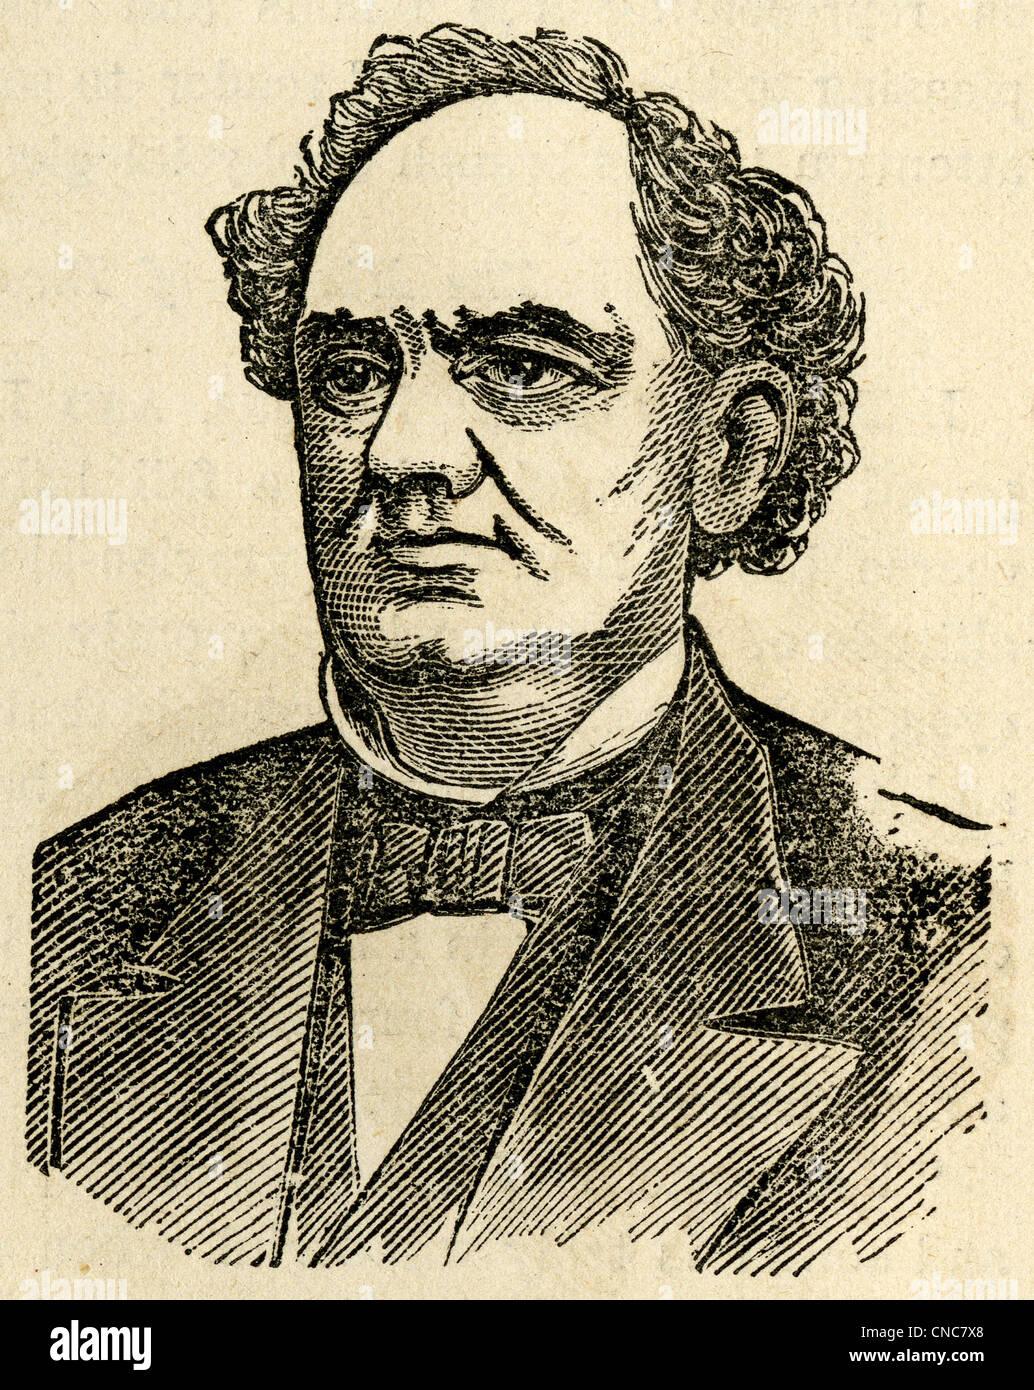 Einfache 1871 Holzschnitt Kupferstich von PT Barnum. Stockbild